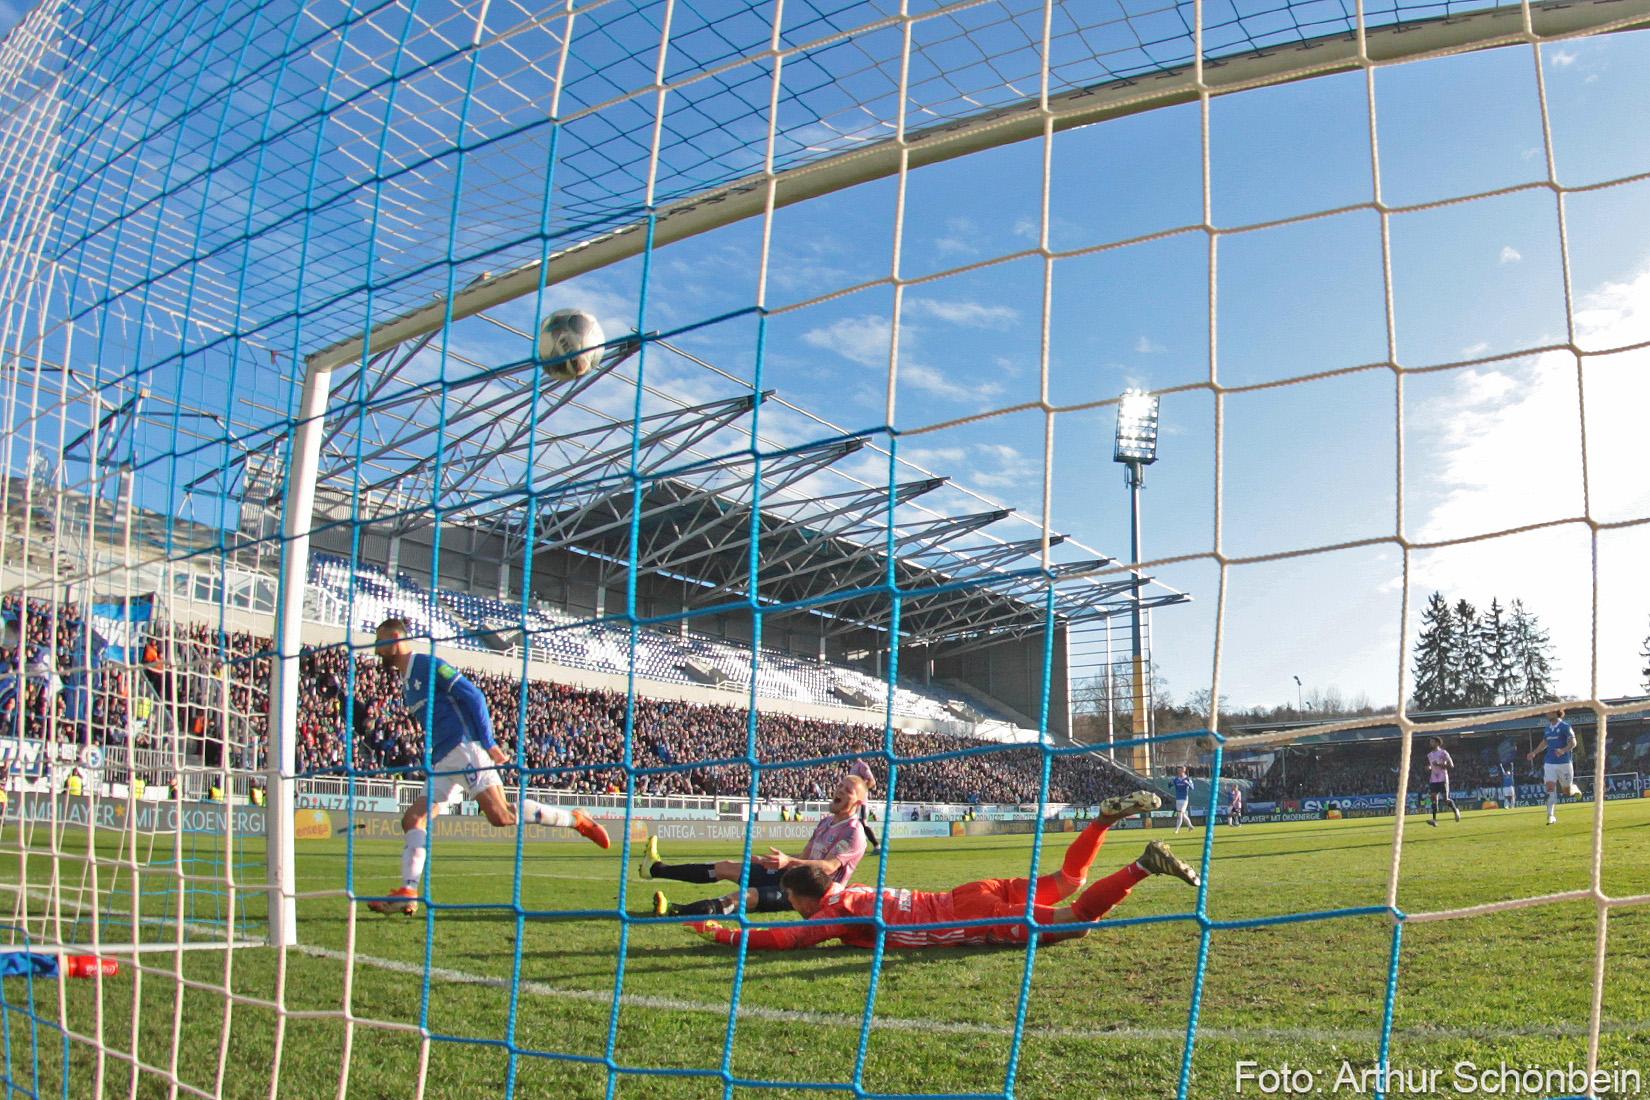 Impressionen vom Spiel gegen den Hamburger SV